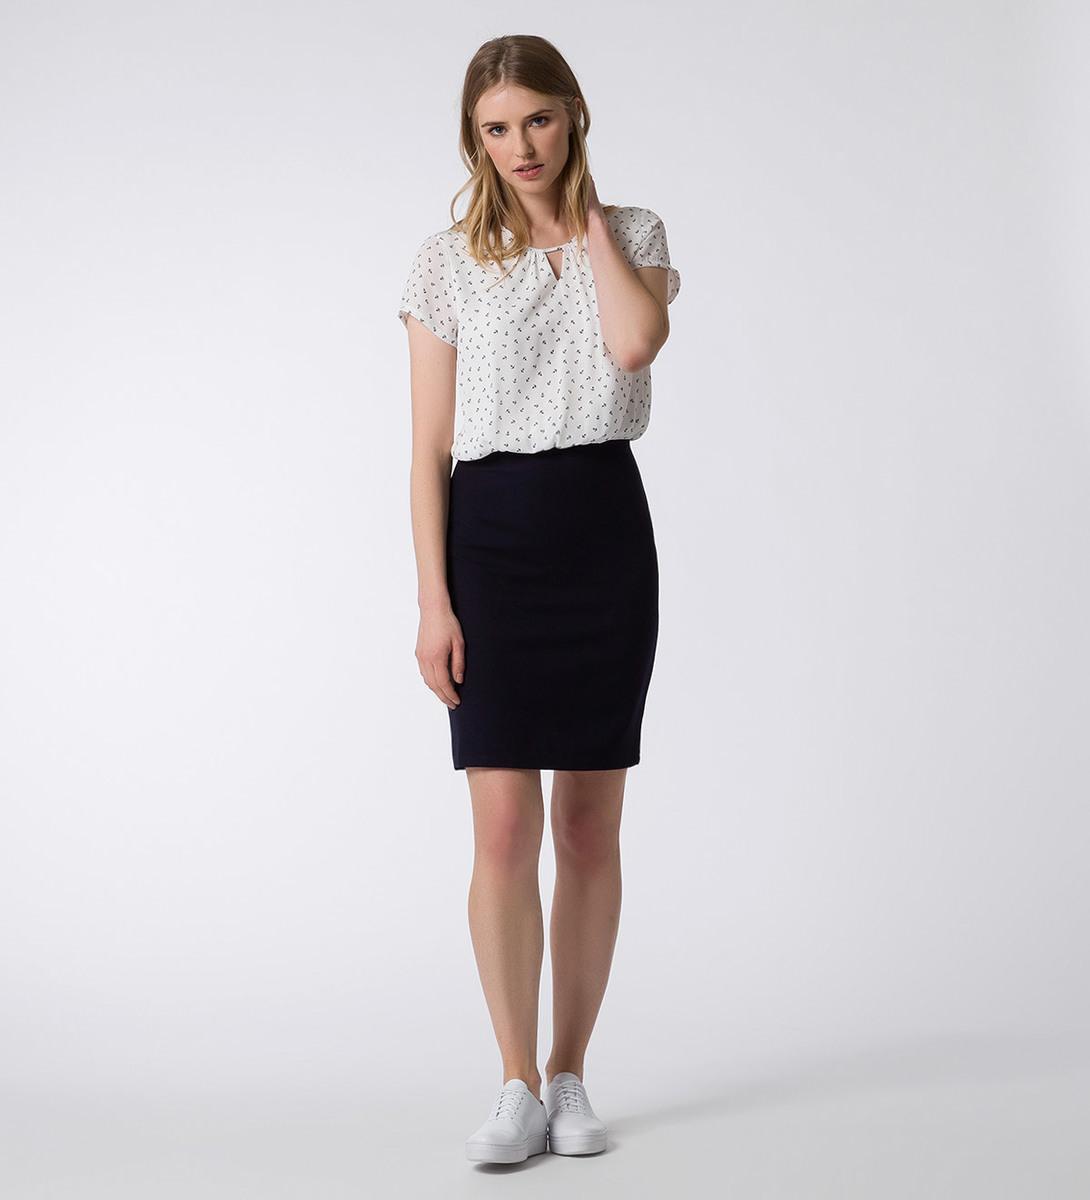 Kleid mit Ankerprint in offwhite